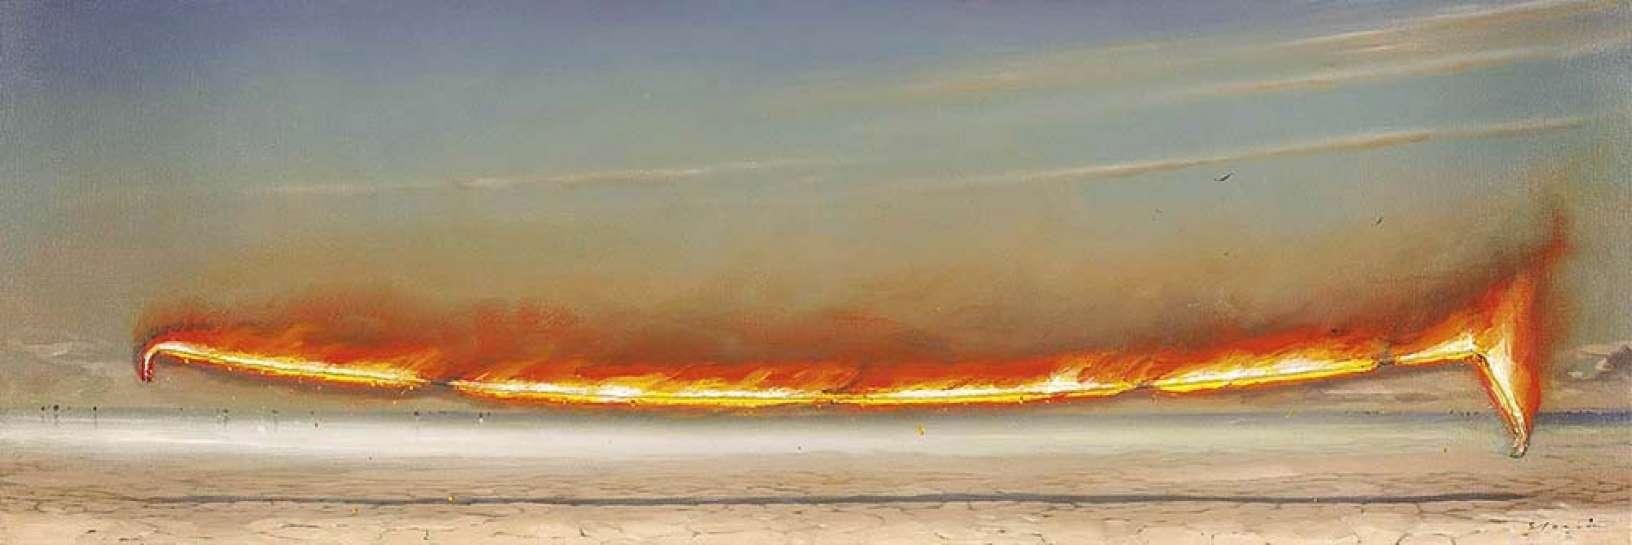 Mirage & Blaze Line by TIM STORRIER